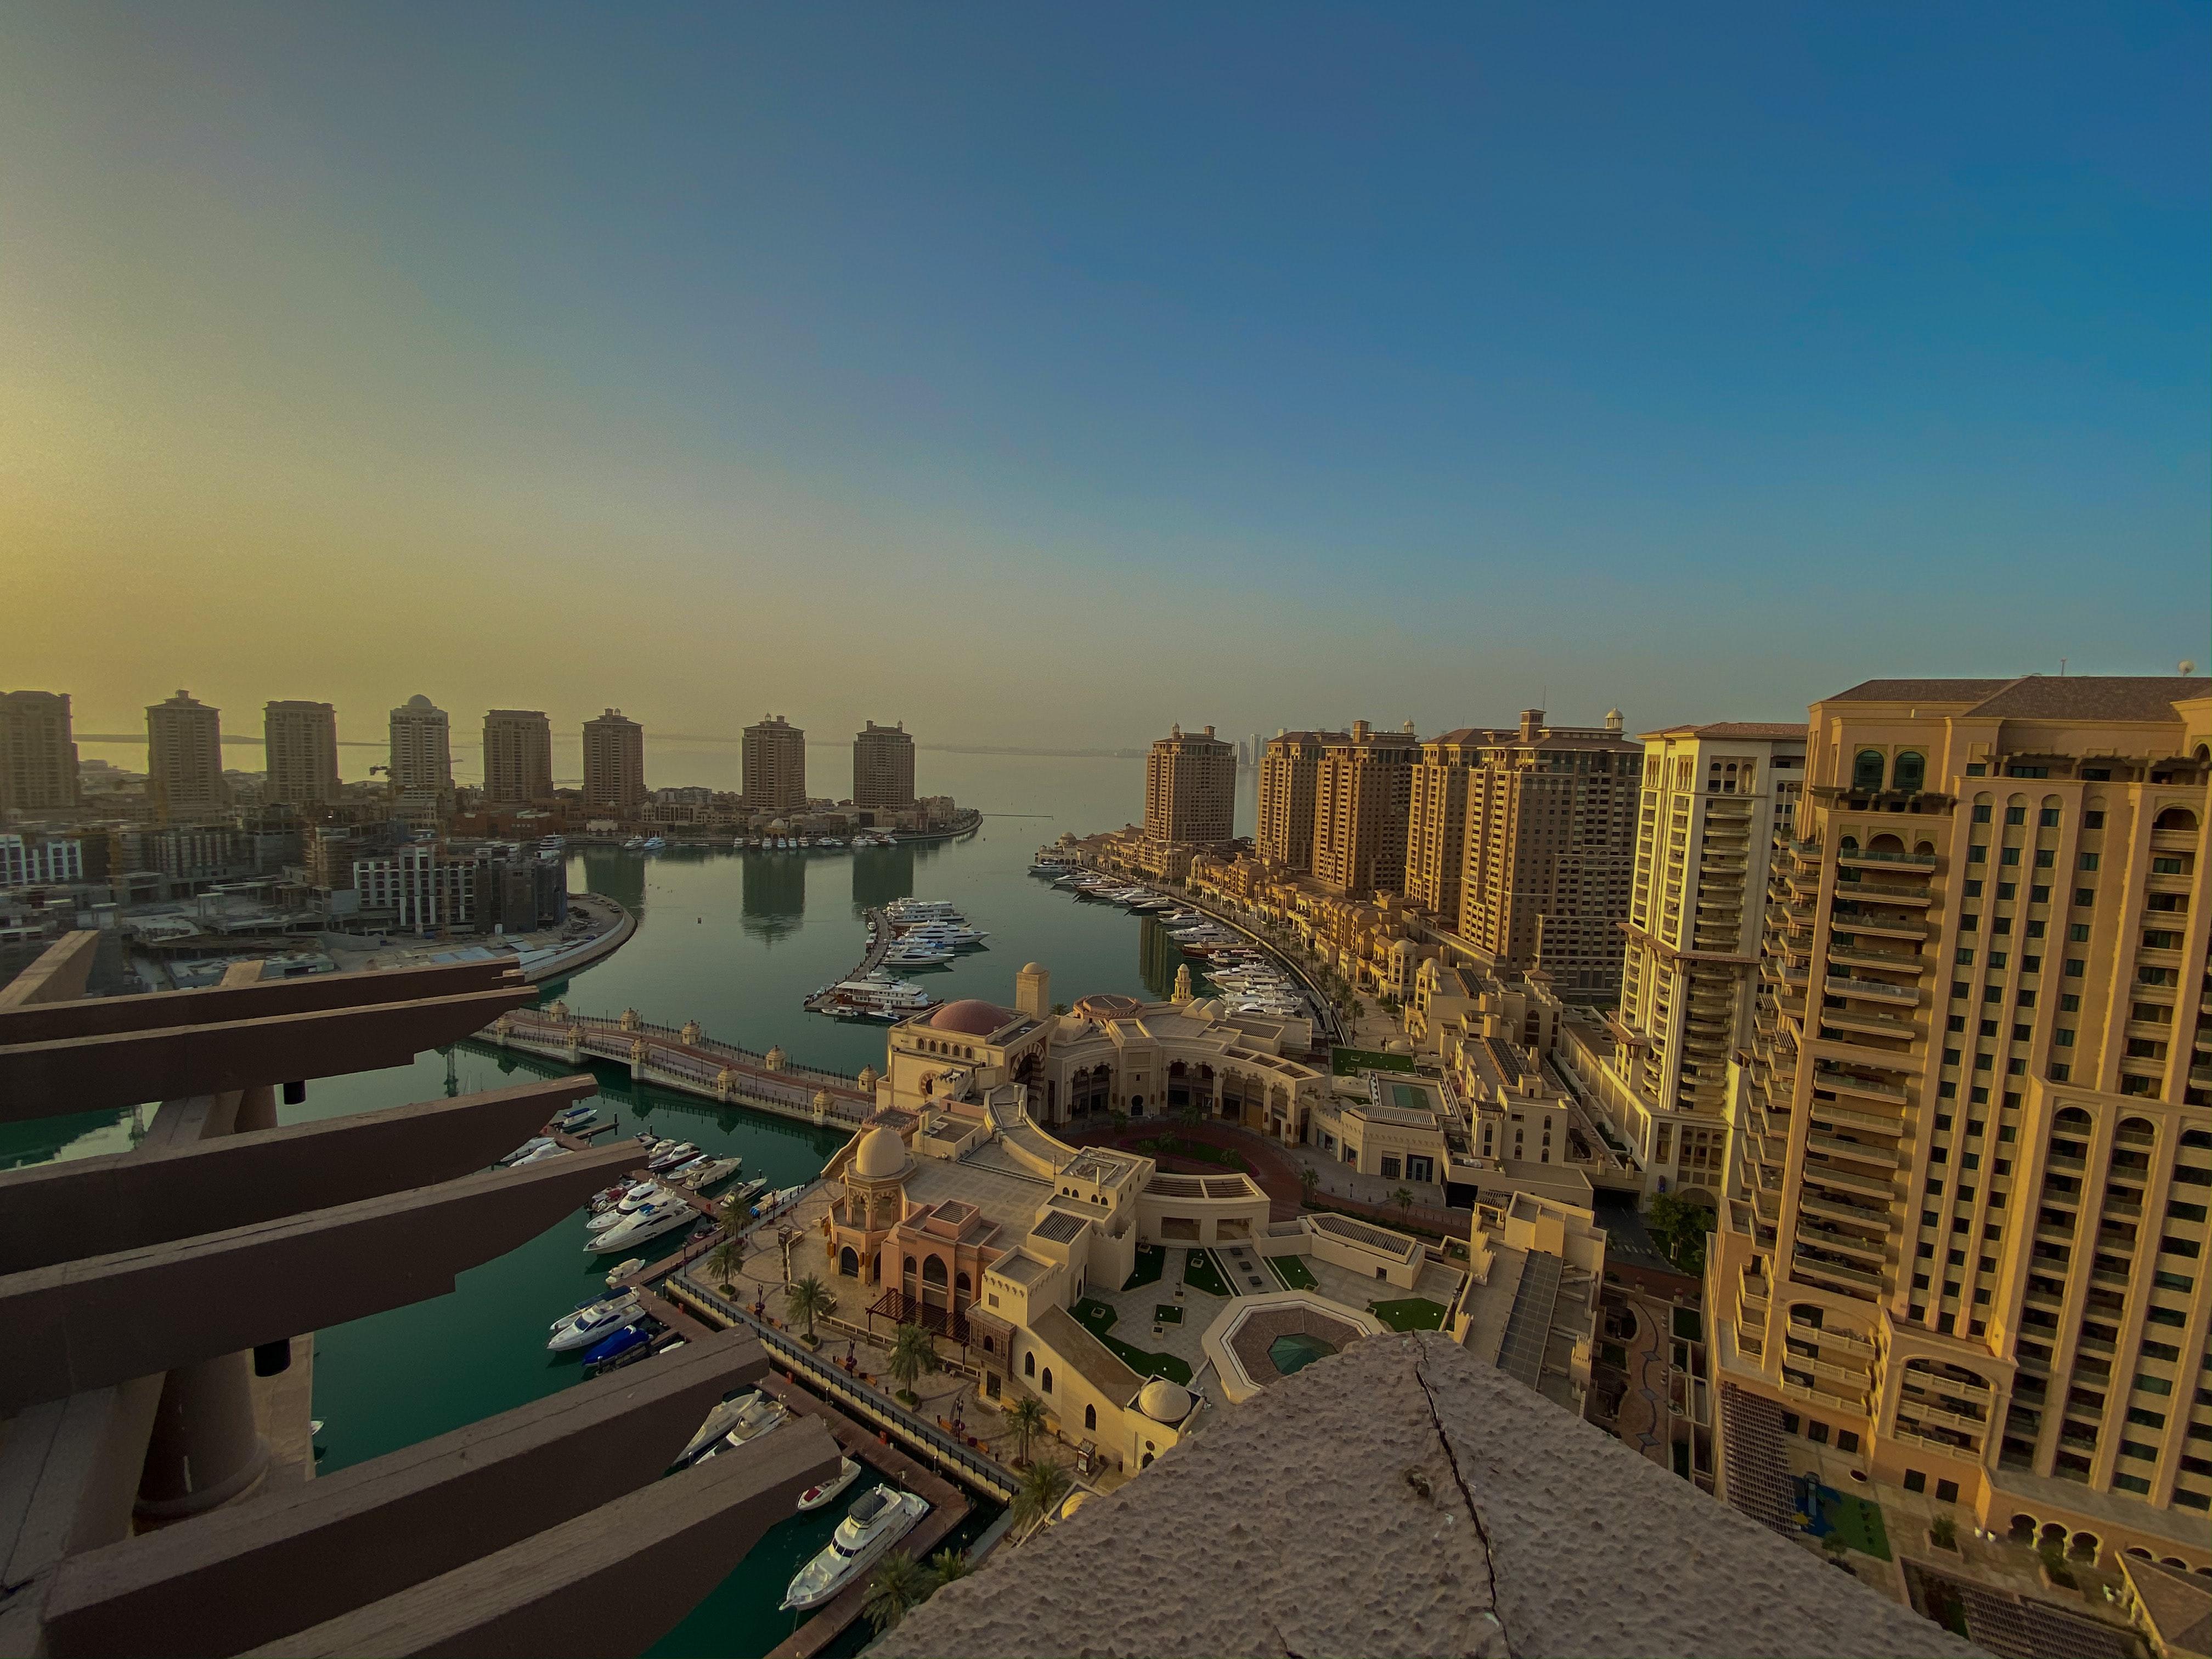 The Pearl - Qatar, Dubai vs Qatar